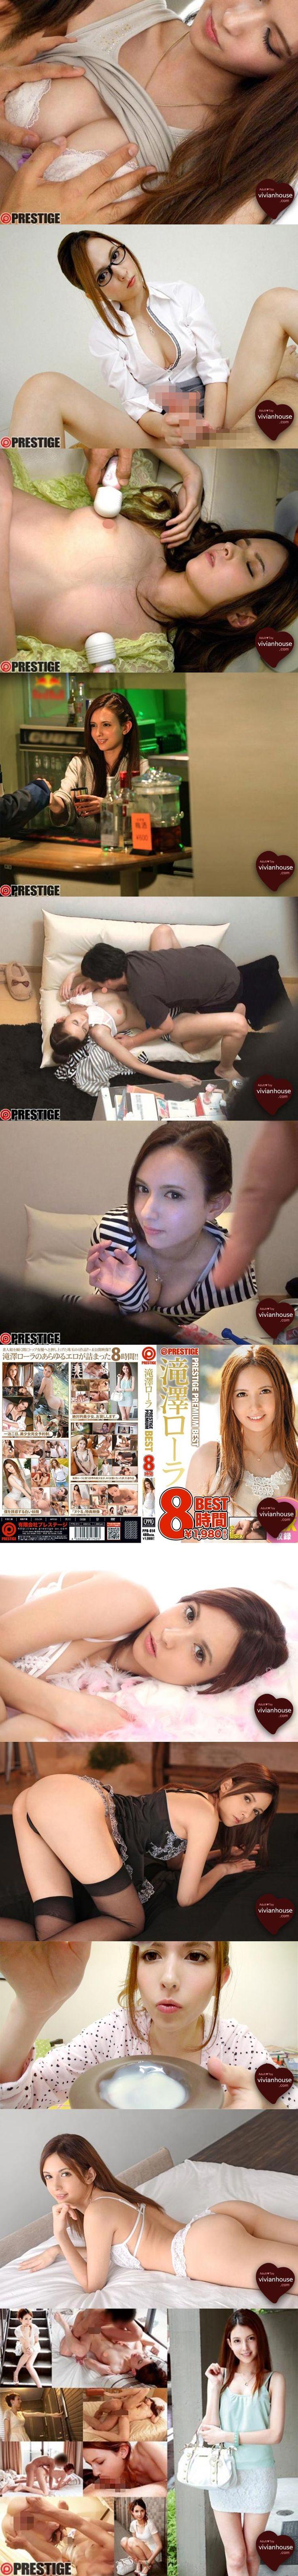 명기의증명009 일본 유명 av배우 미사키로라 음부디자인 성인용품 제품중에 가장 많은 사람들이 알고 있는 제품.vivianhouse.com